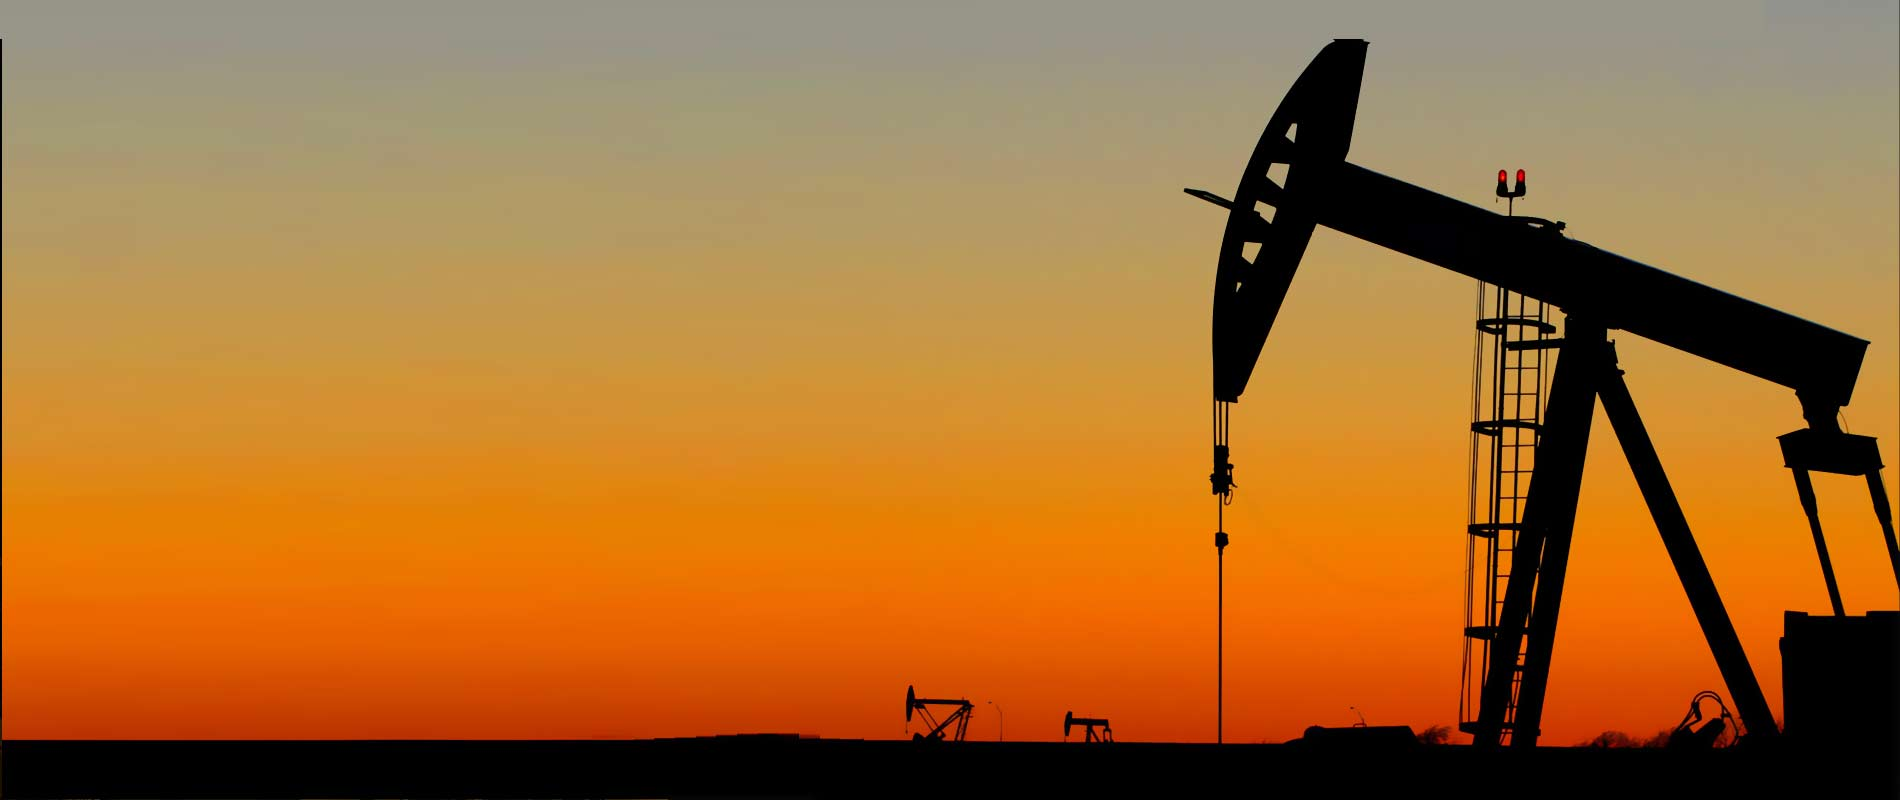 slider-Oil Well Drilling